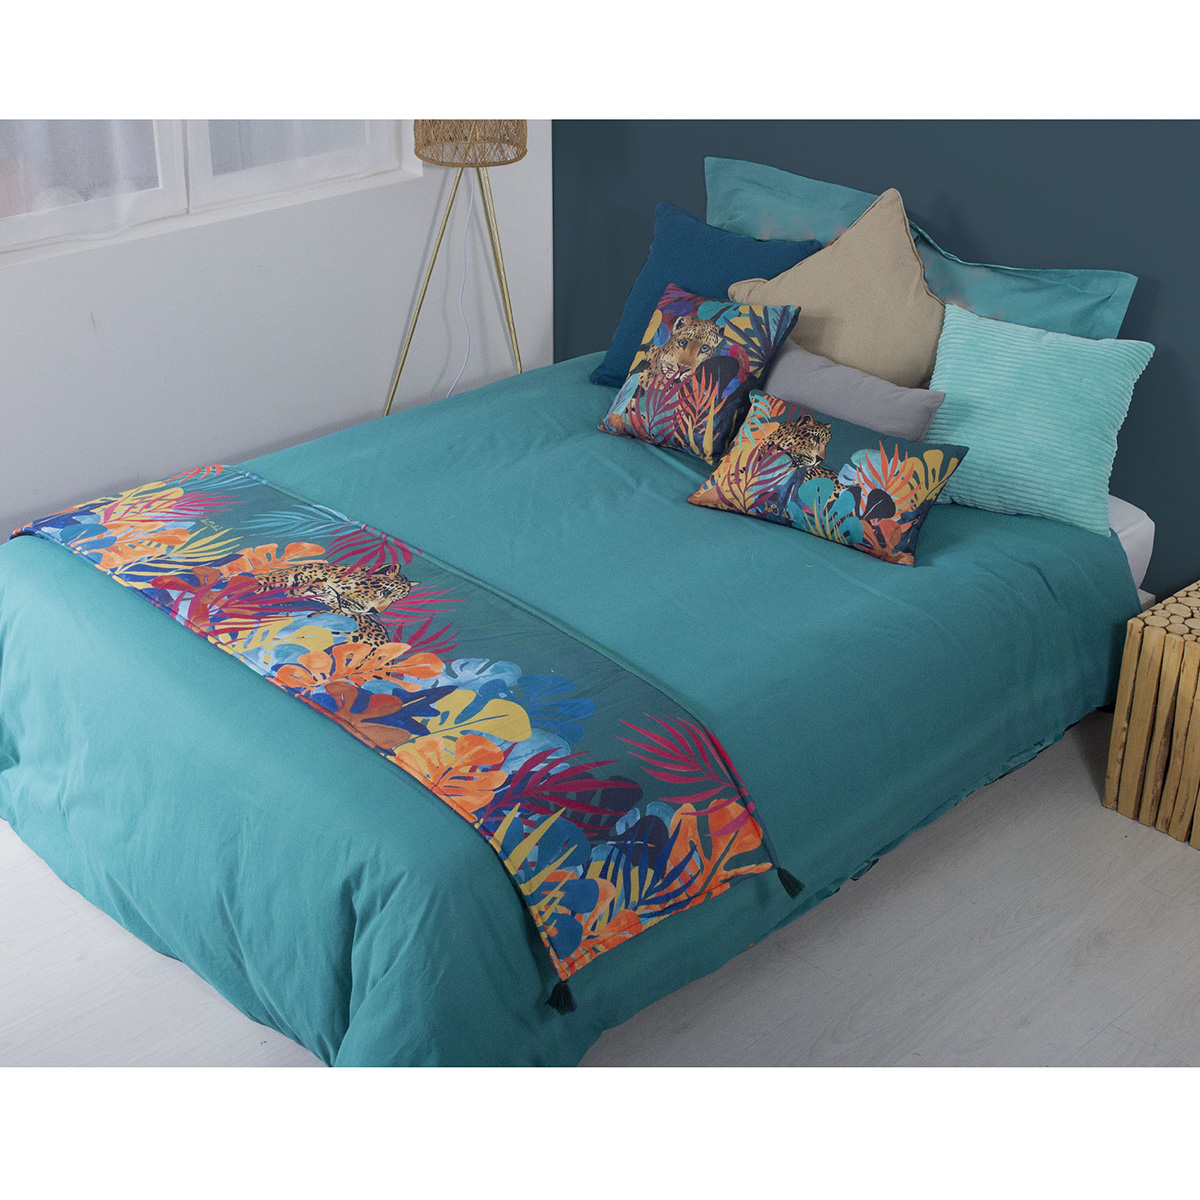 Chemin de lit imprimé jungle polyester vert 180x45